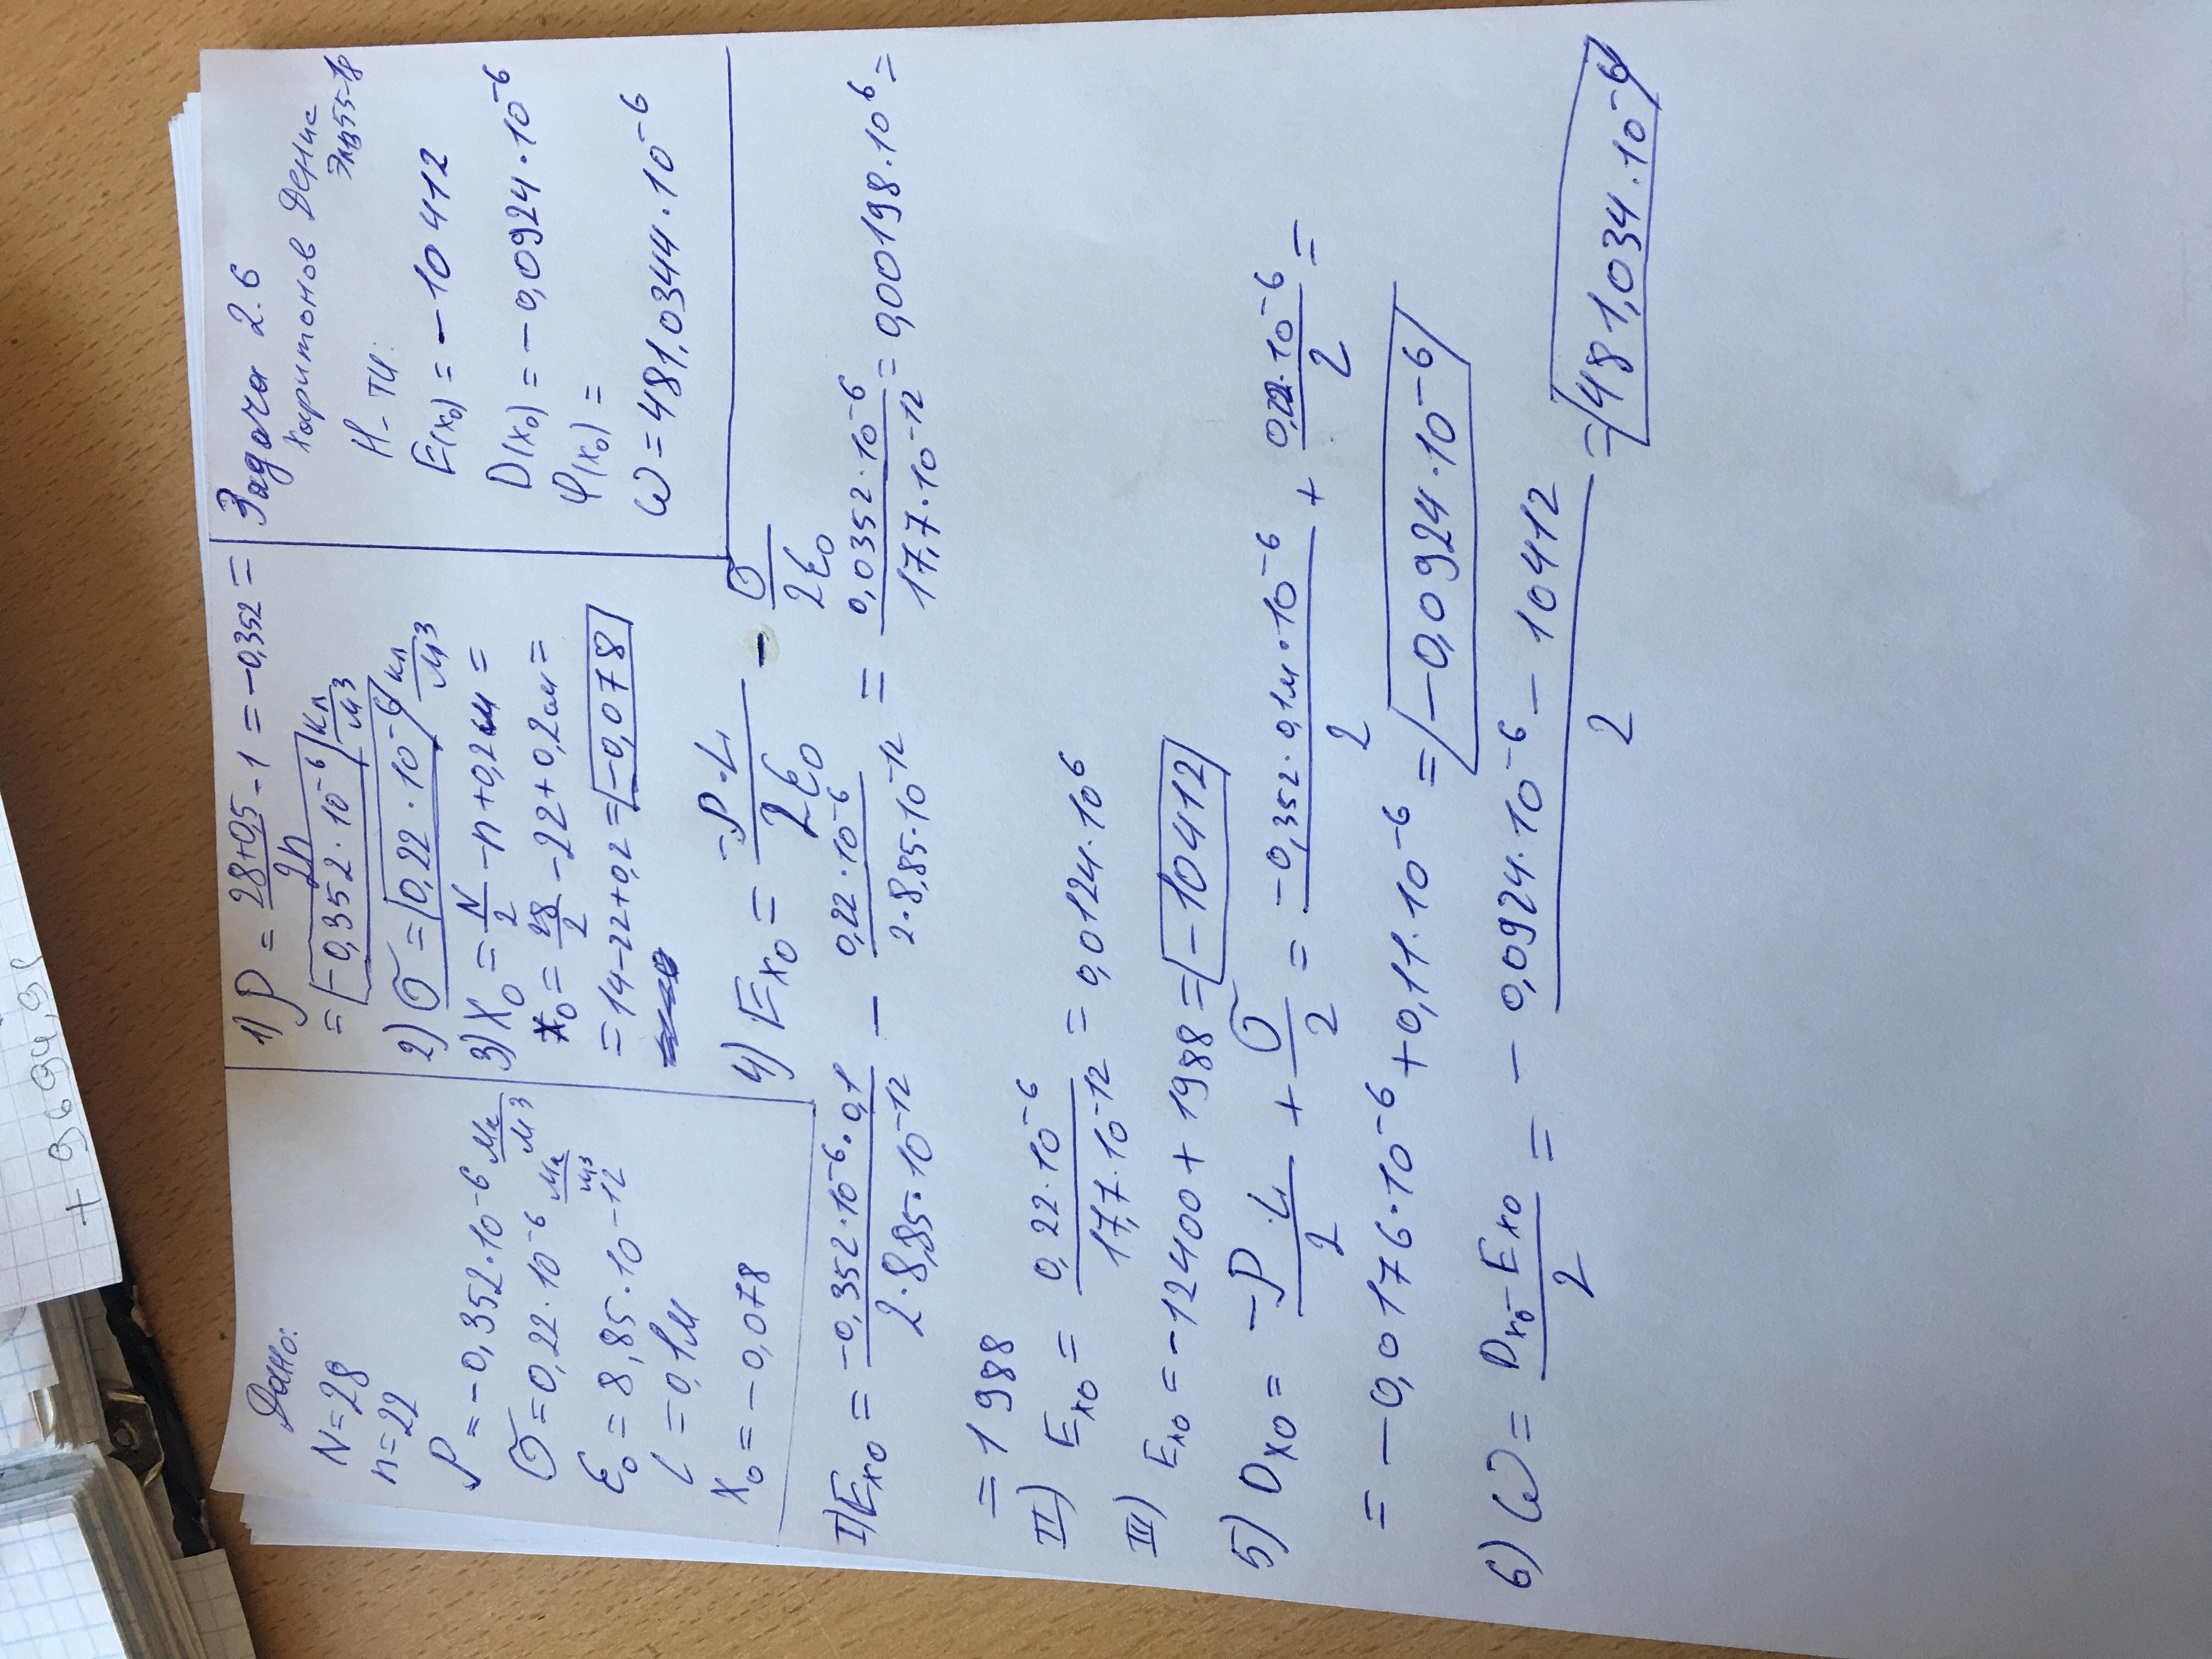 Помогите рассчитать Ф(х0) и построить графики